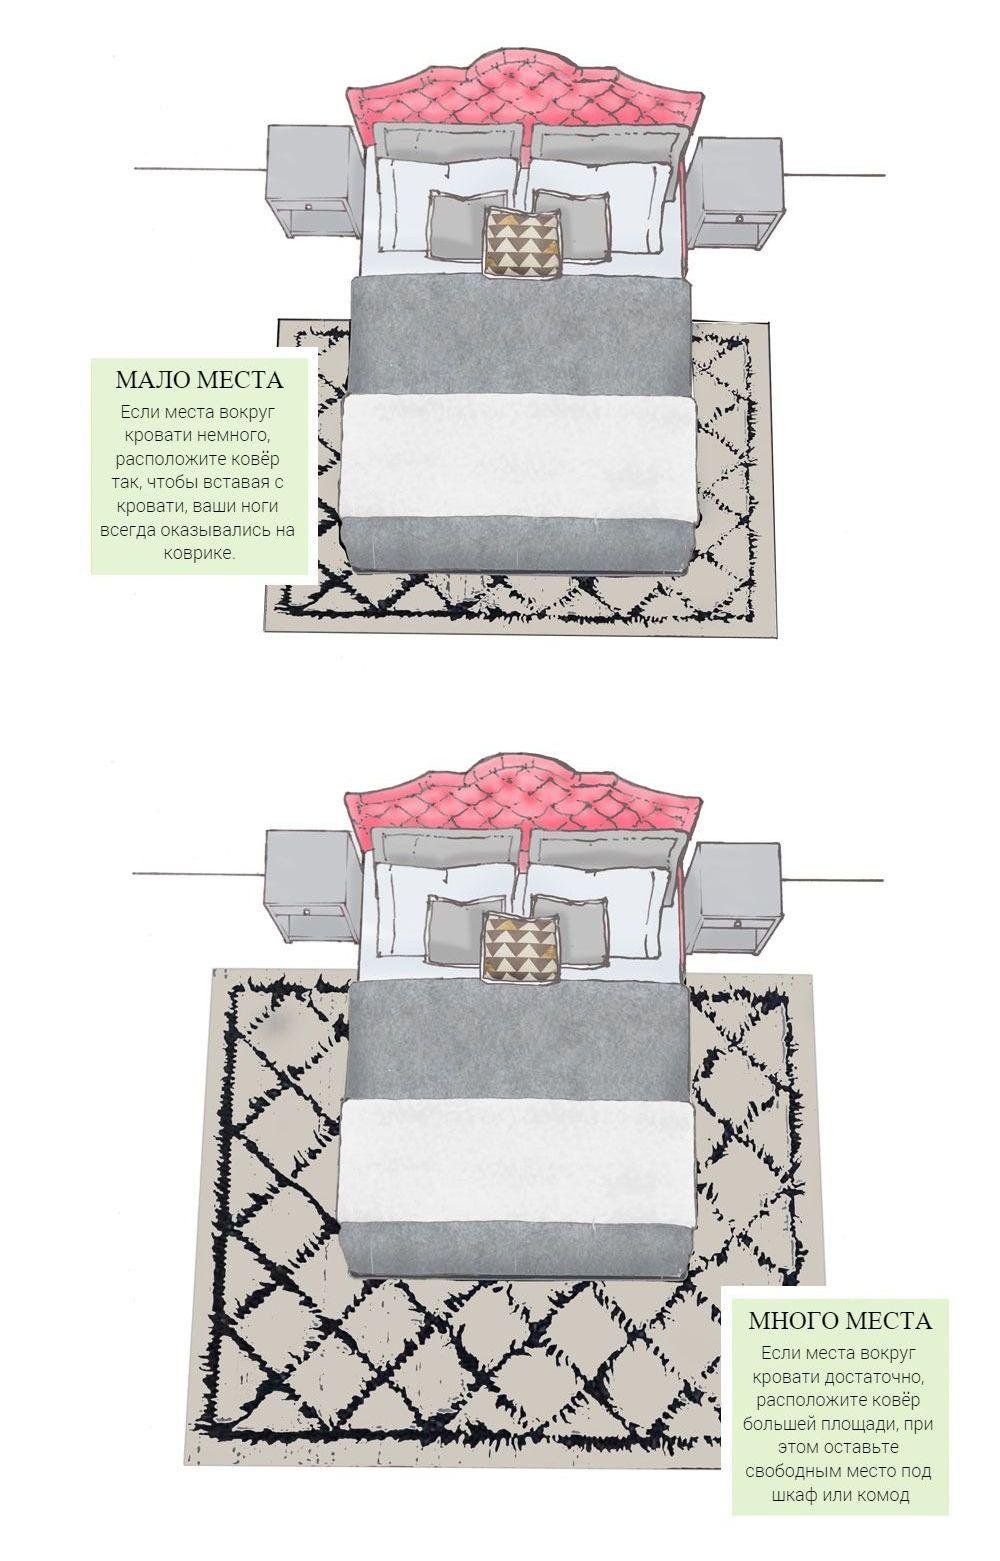 Расположение ковра в интерьере спальни